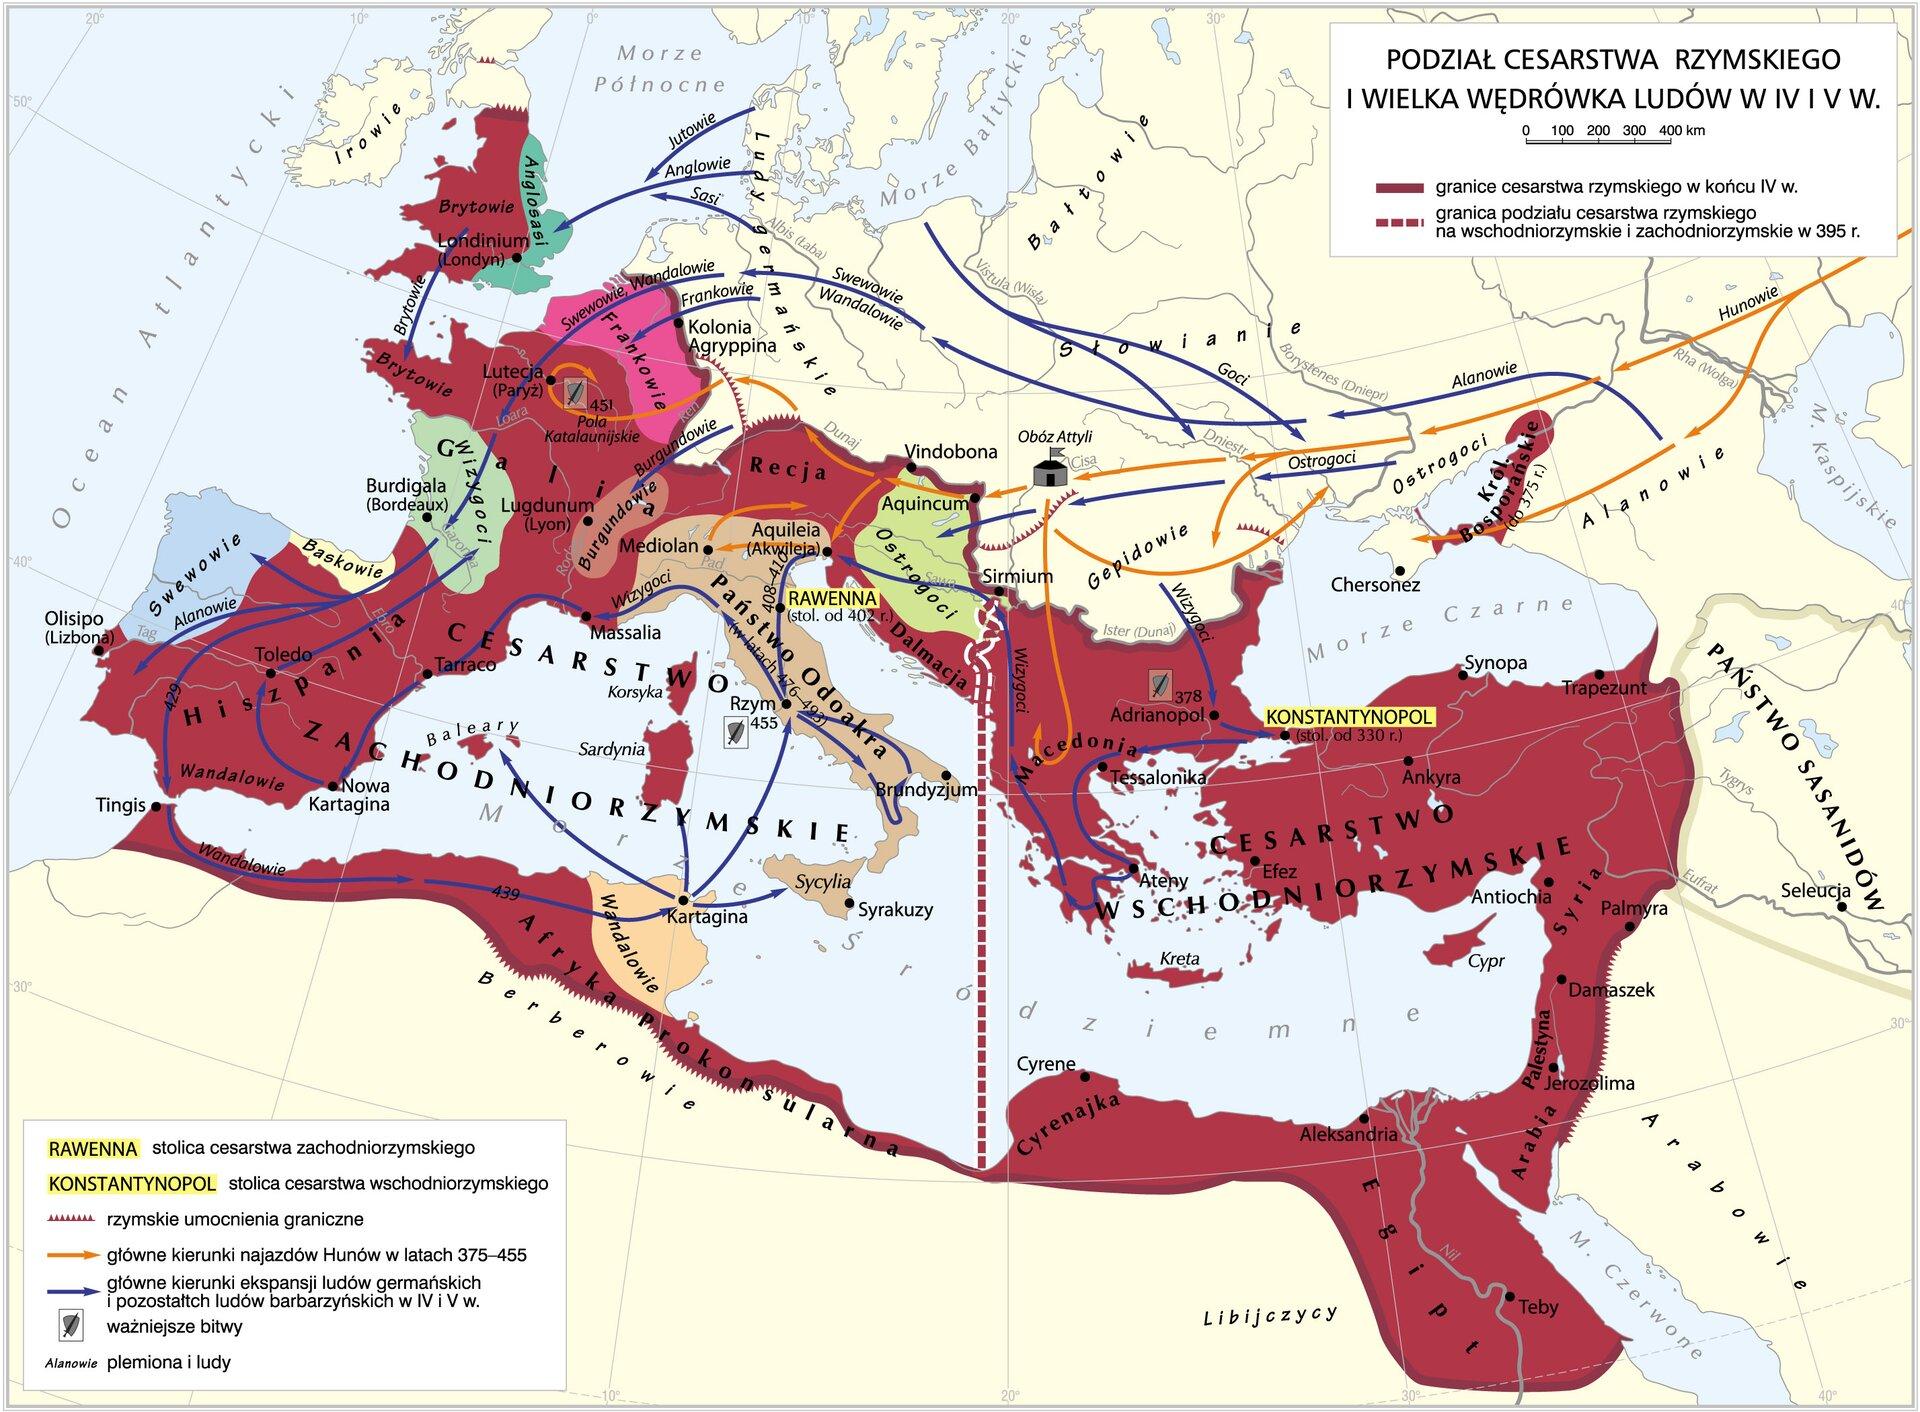 Wielka wędrówka ludów ipodział cesarstwa rzymskiego Wielka wędrówka ludów ipodział cesarstwa rzymskiego Źródło: Krystian Chariza izespół, licencja: CC BY 3.0.